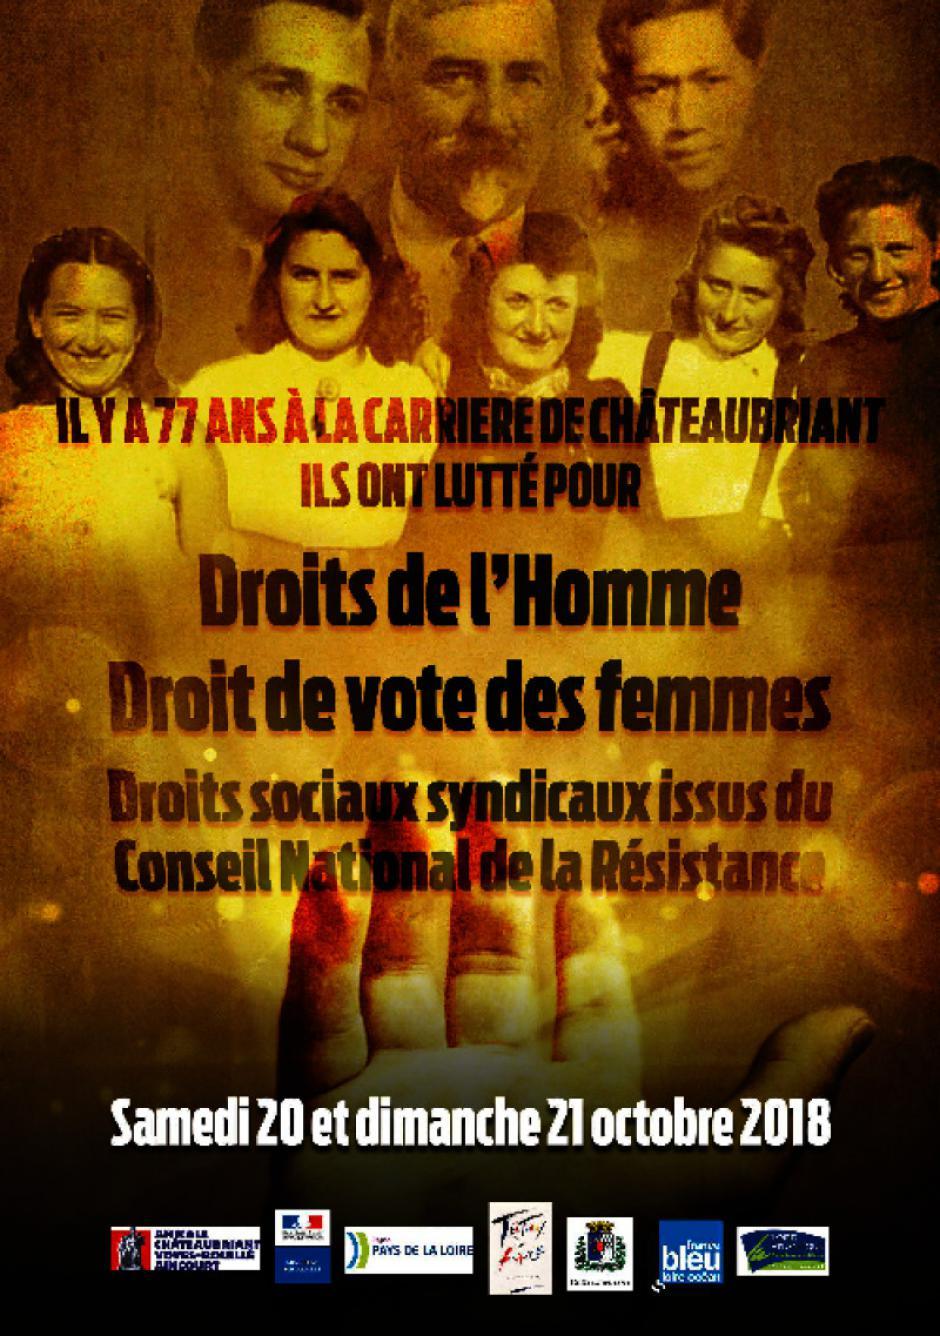 Hommage aux fusillés de Chateaubriant les samedi 20 et dimanche 21 octobre 2018